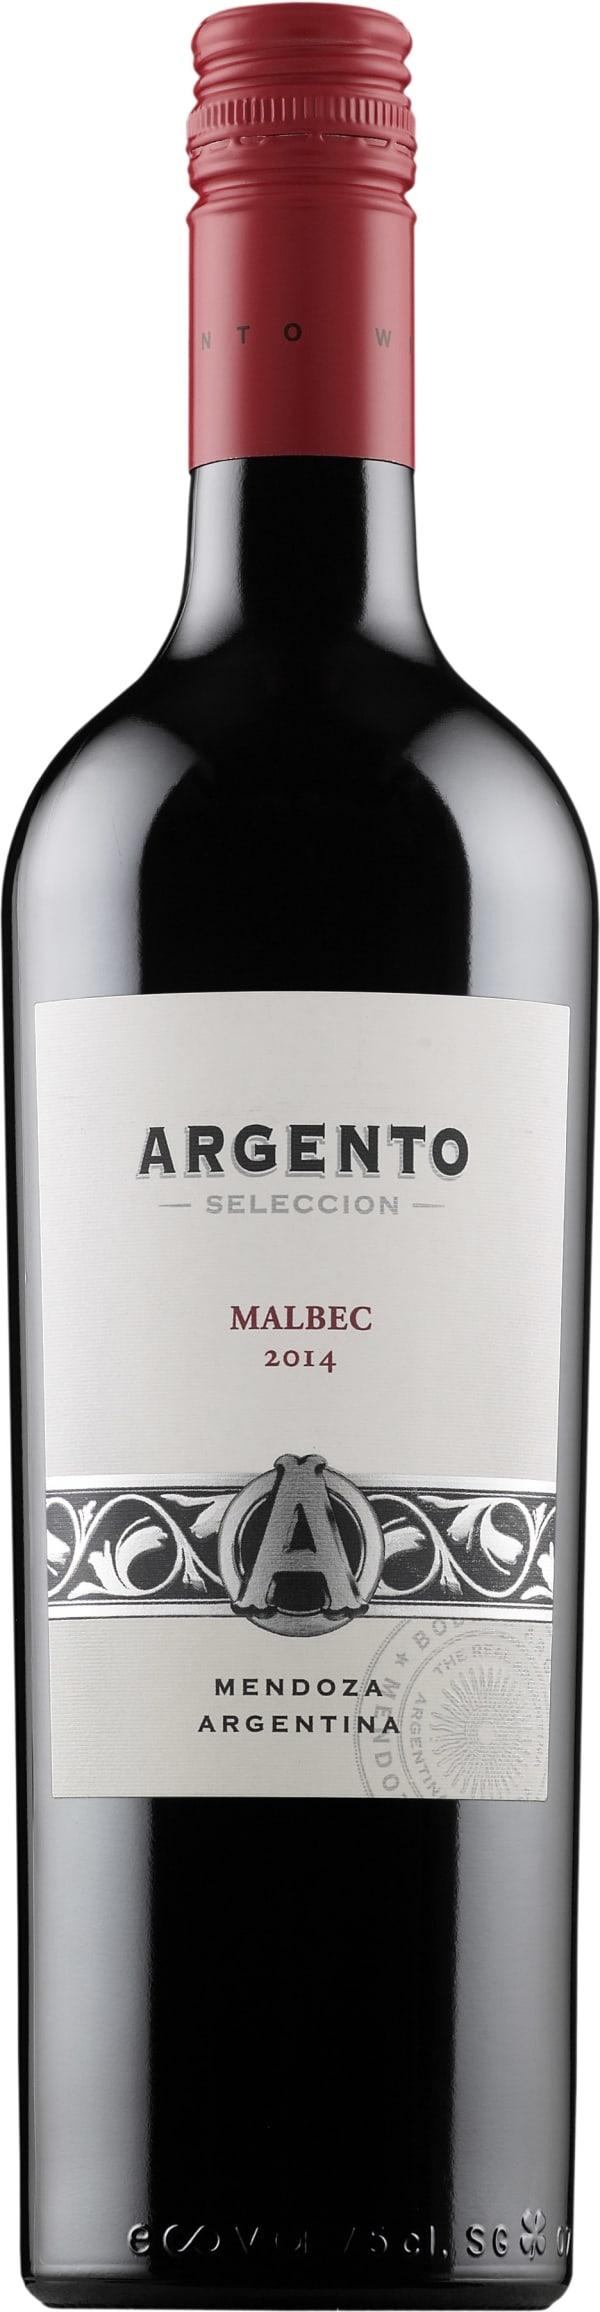 Argento Seleccion Malbec 2015